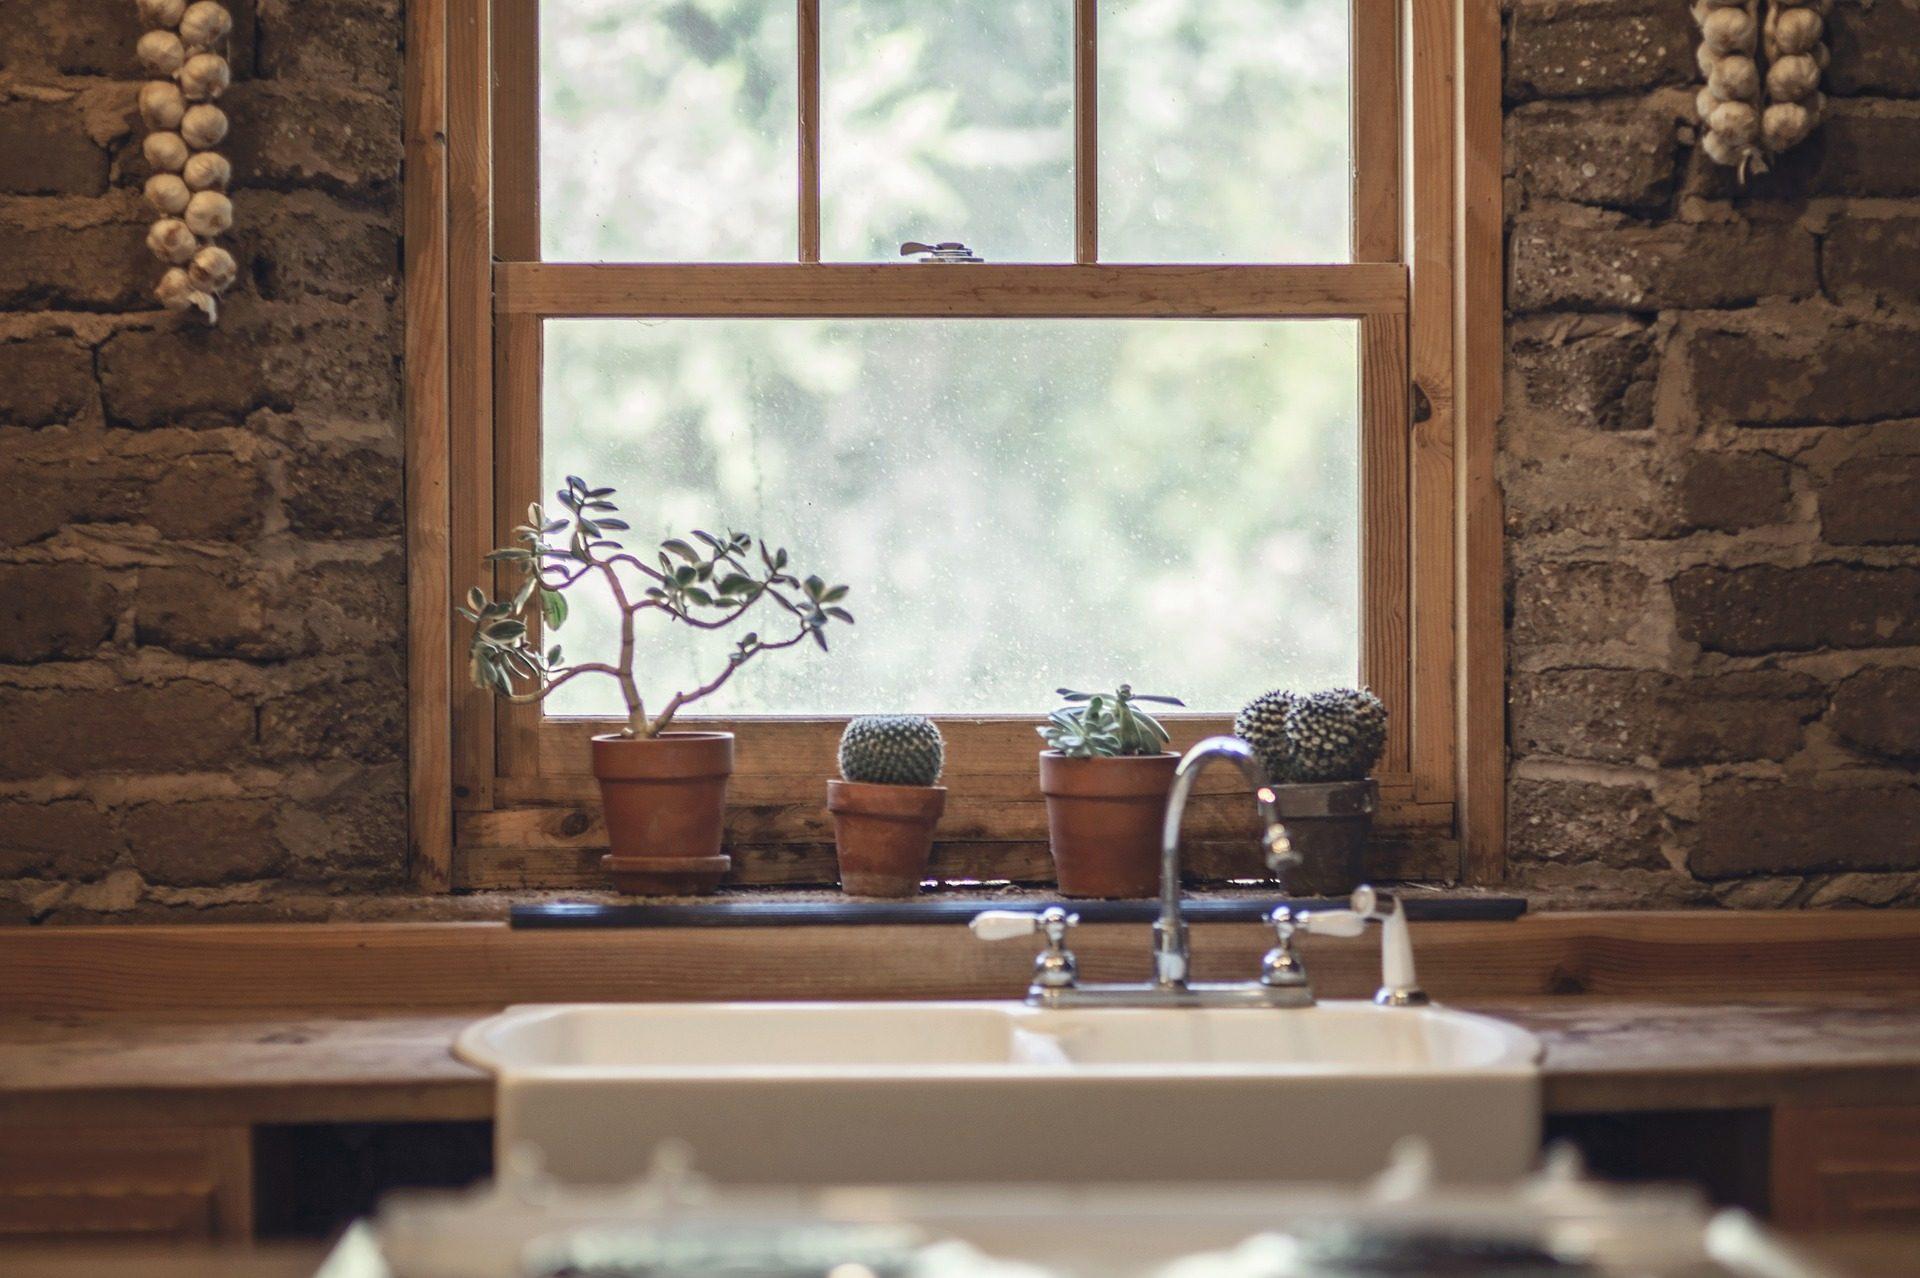 janela, pia, potenciômetros, cacto, alho, pedras - Papéis de parede HD - Professor-falken.com